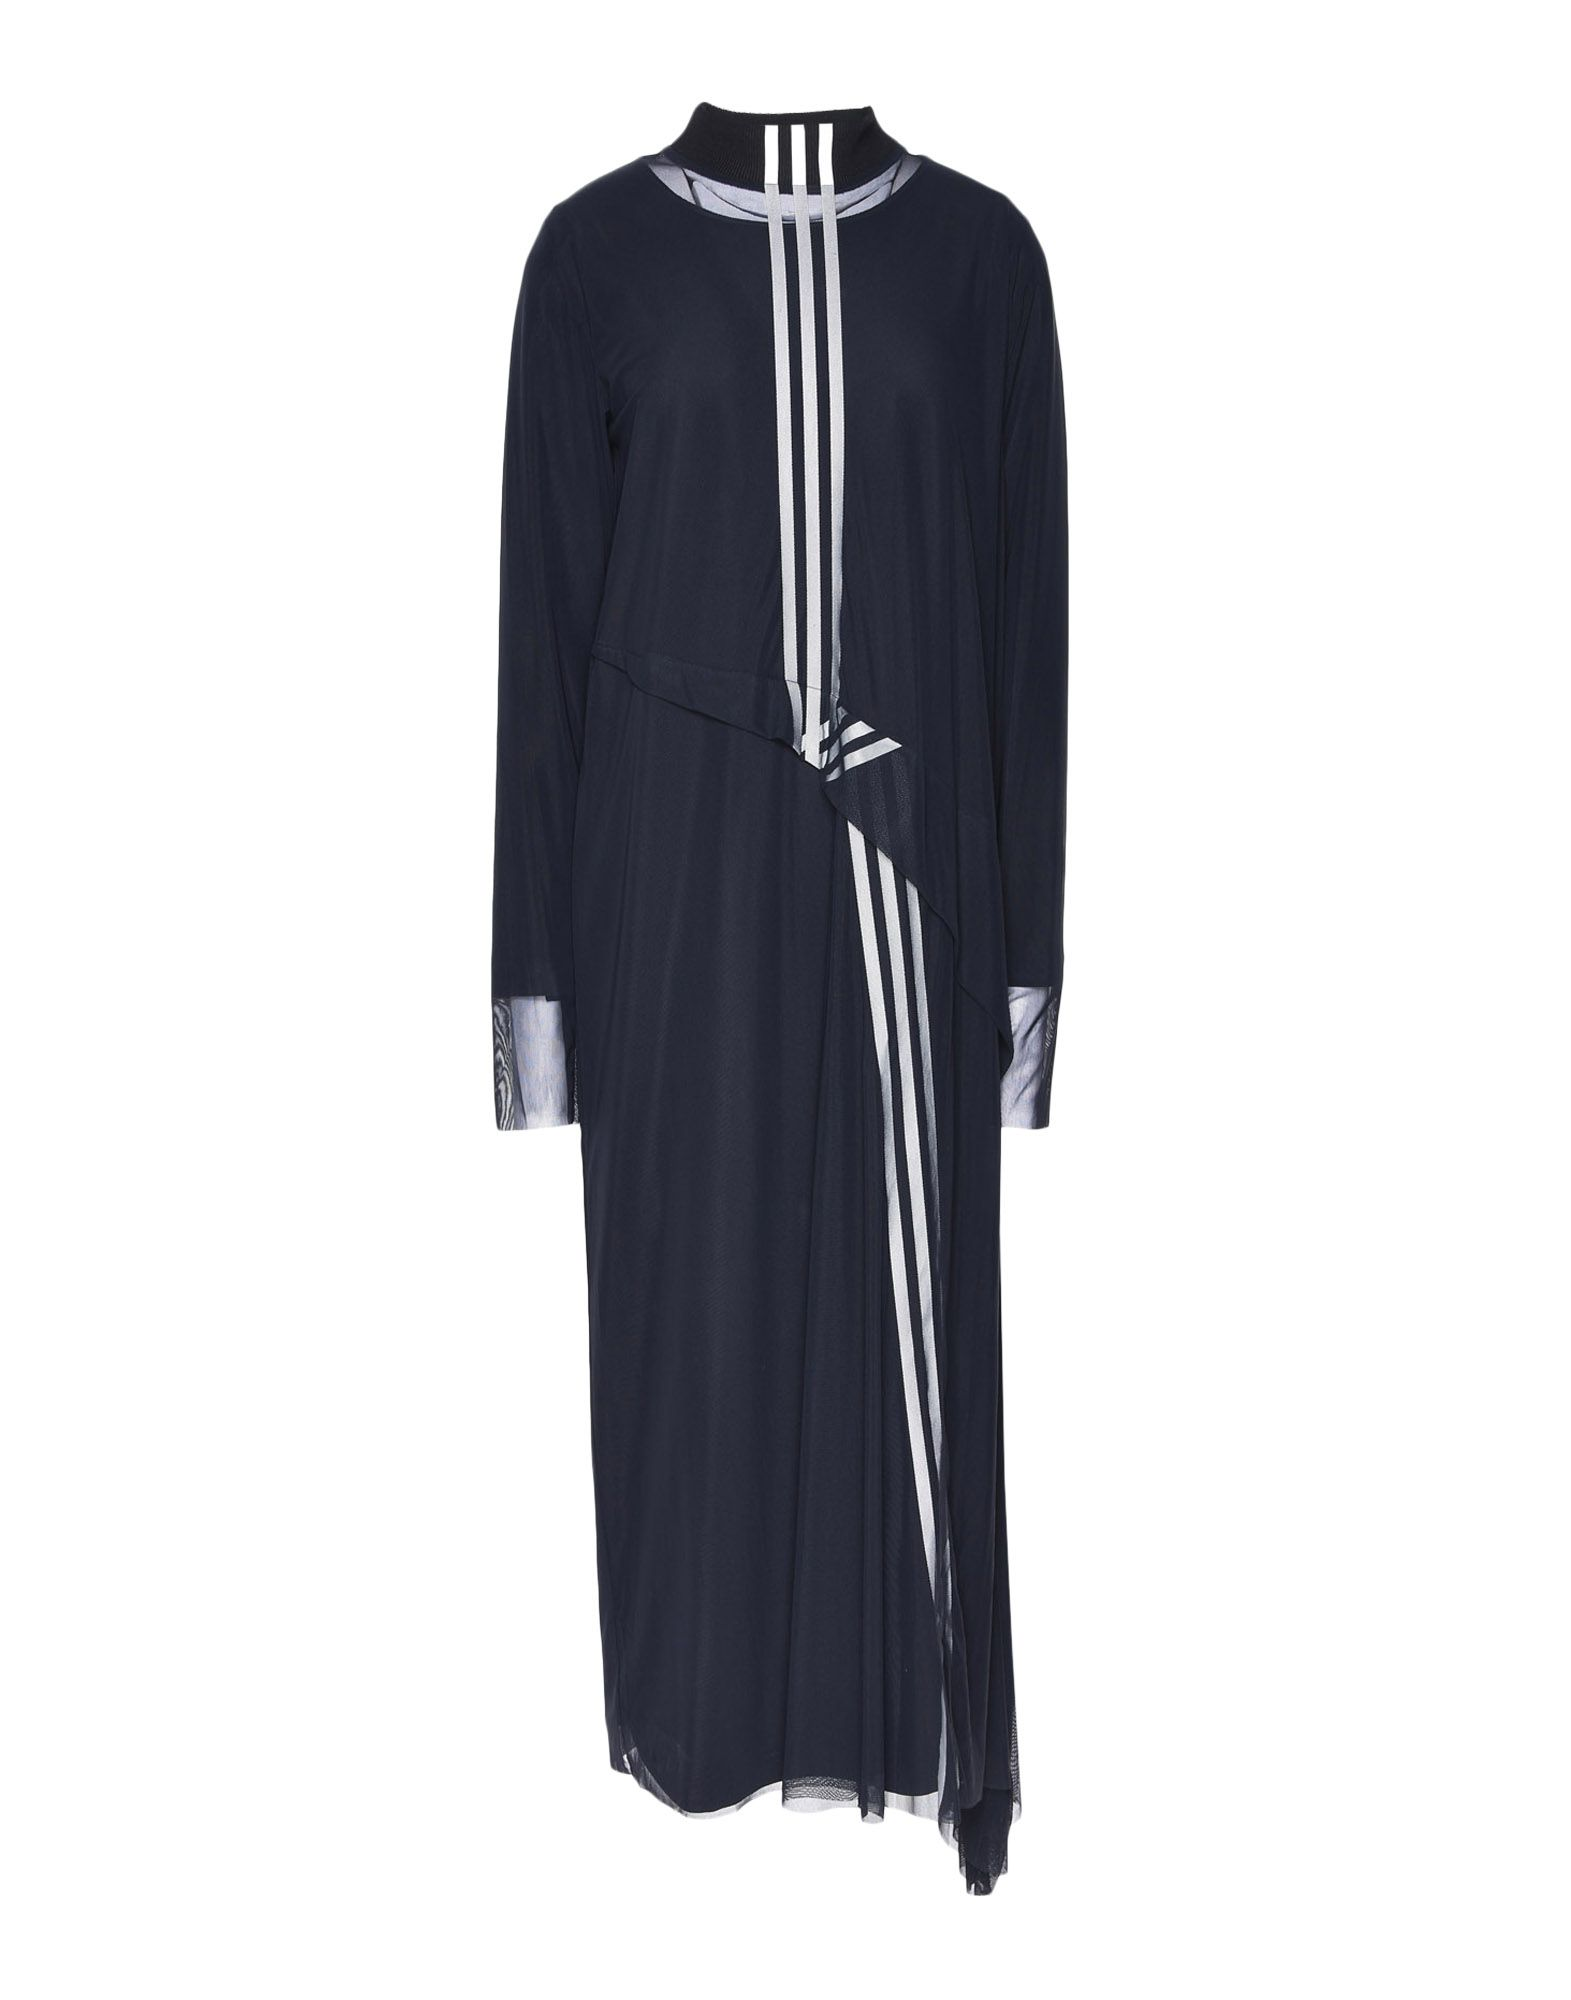 Y-3 Y-3 3-Stripes Mesh Dress Длинное платье Для Женщин f